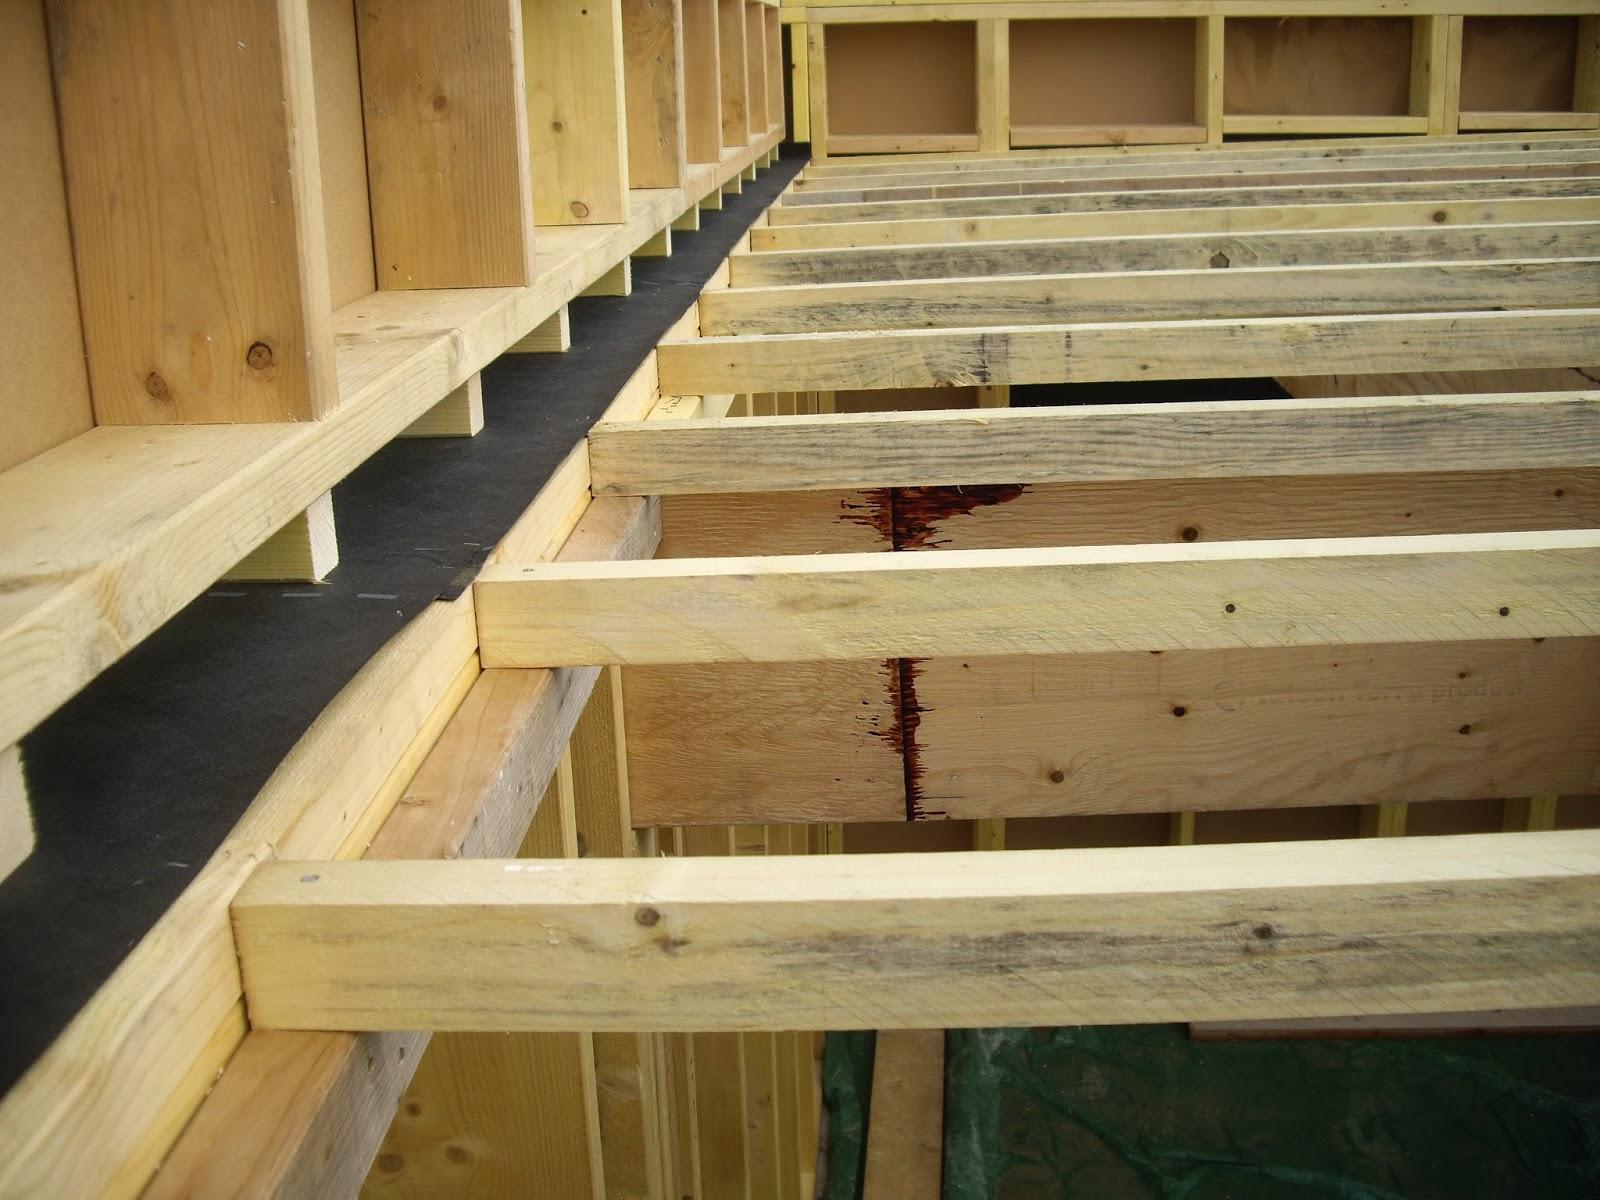 Maison Ossature Bois Autoconstruction : passive / Maison ossature bois (M.O.B.): Toiture plate (maison